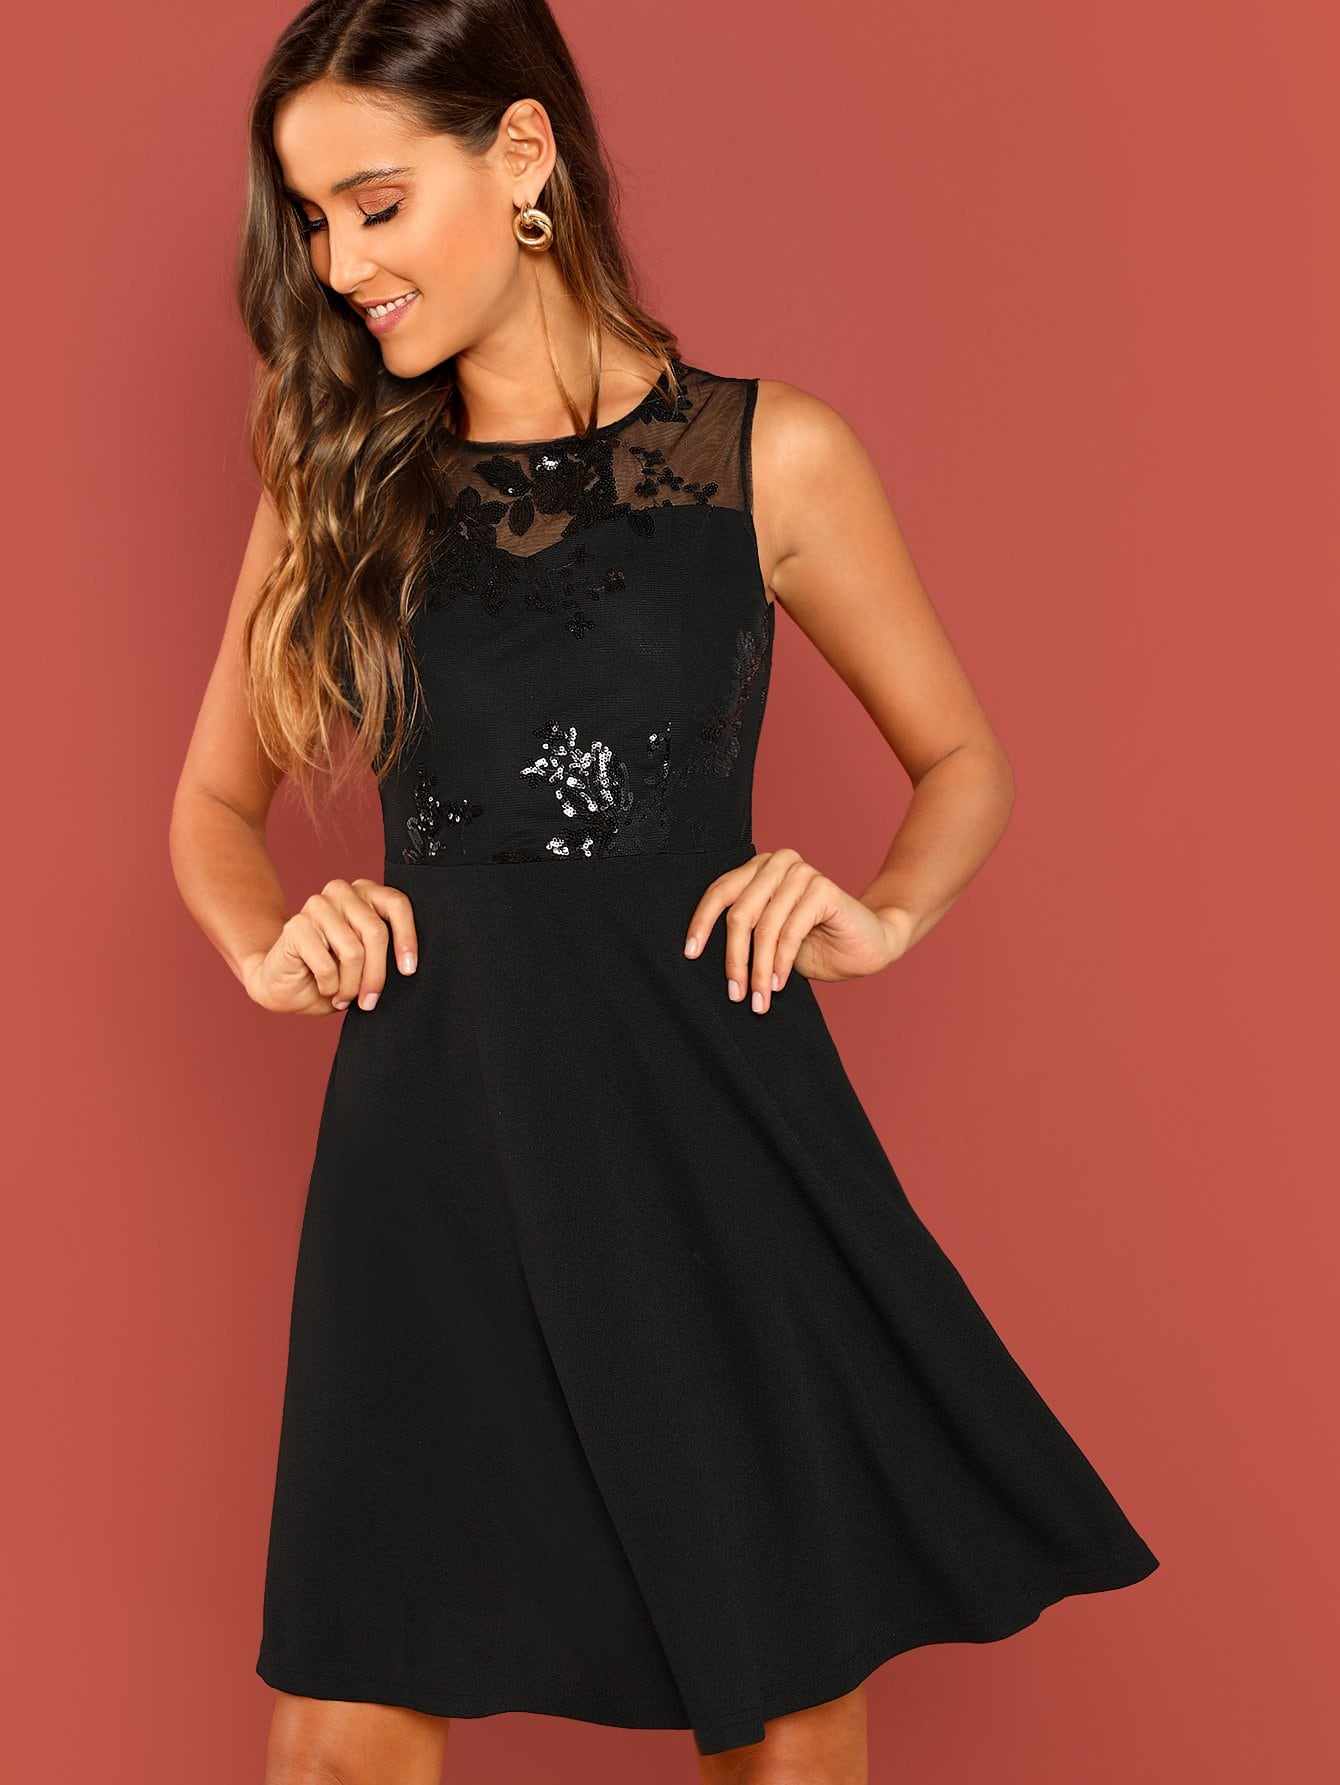 5c36a1aaa001 Mesh Contrast Shell Dress -SheIn(Sheinside)